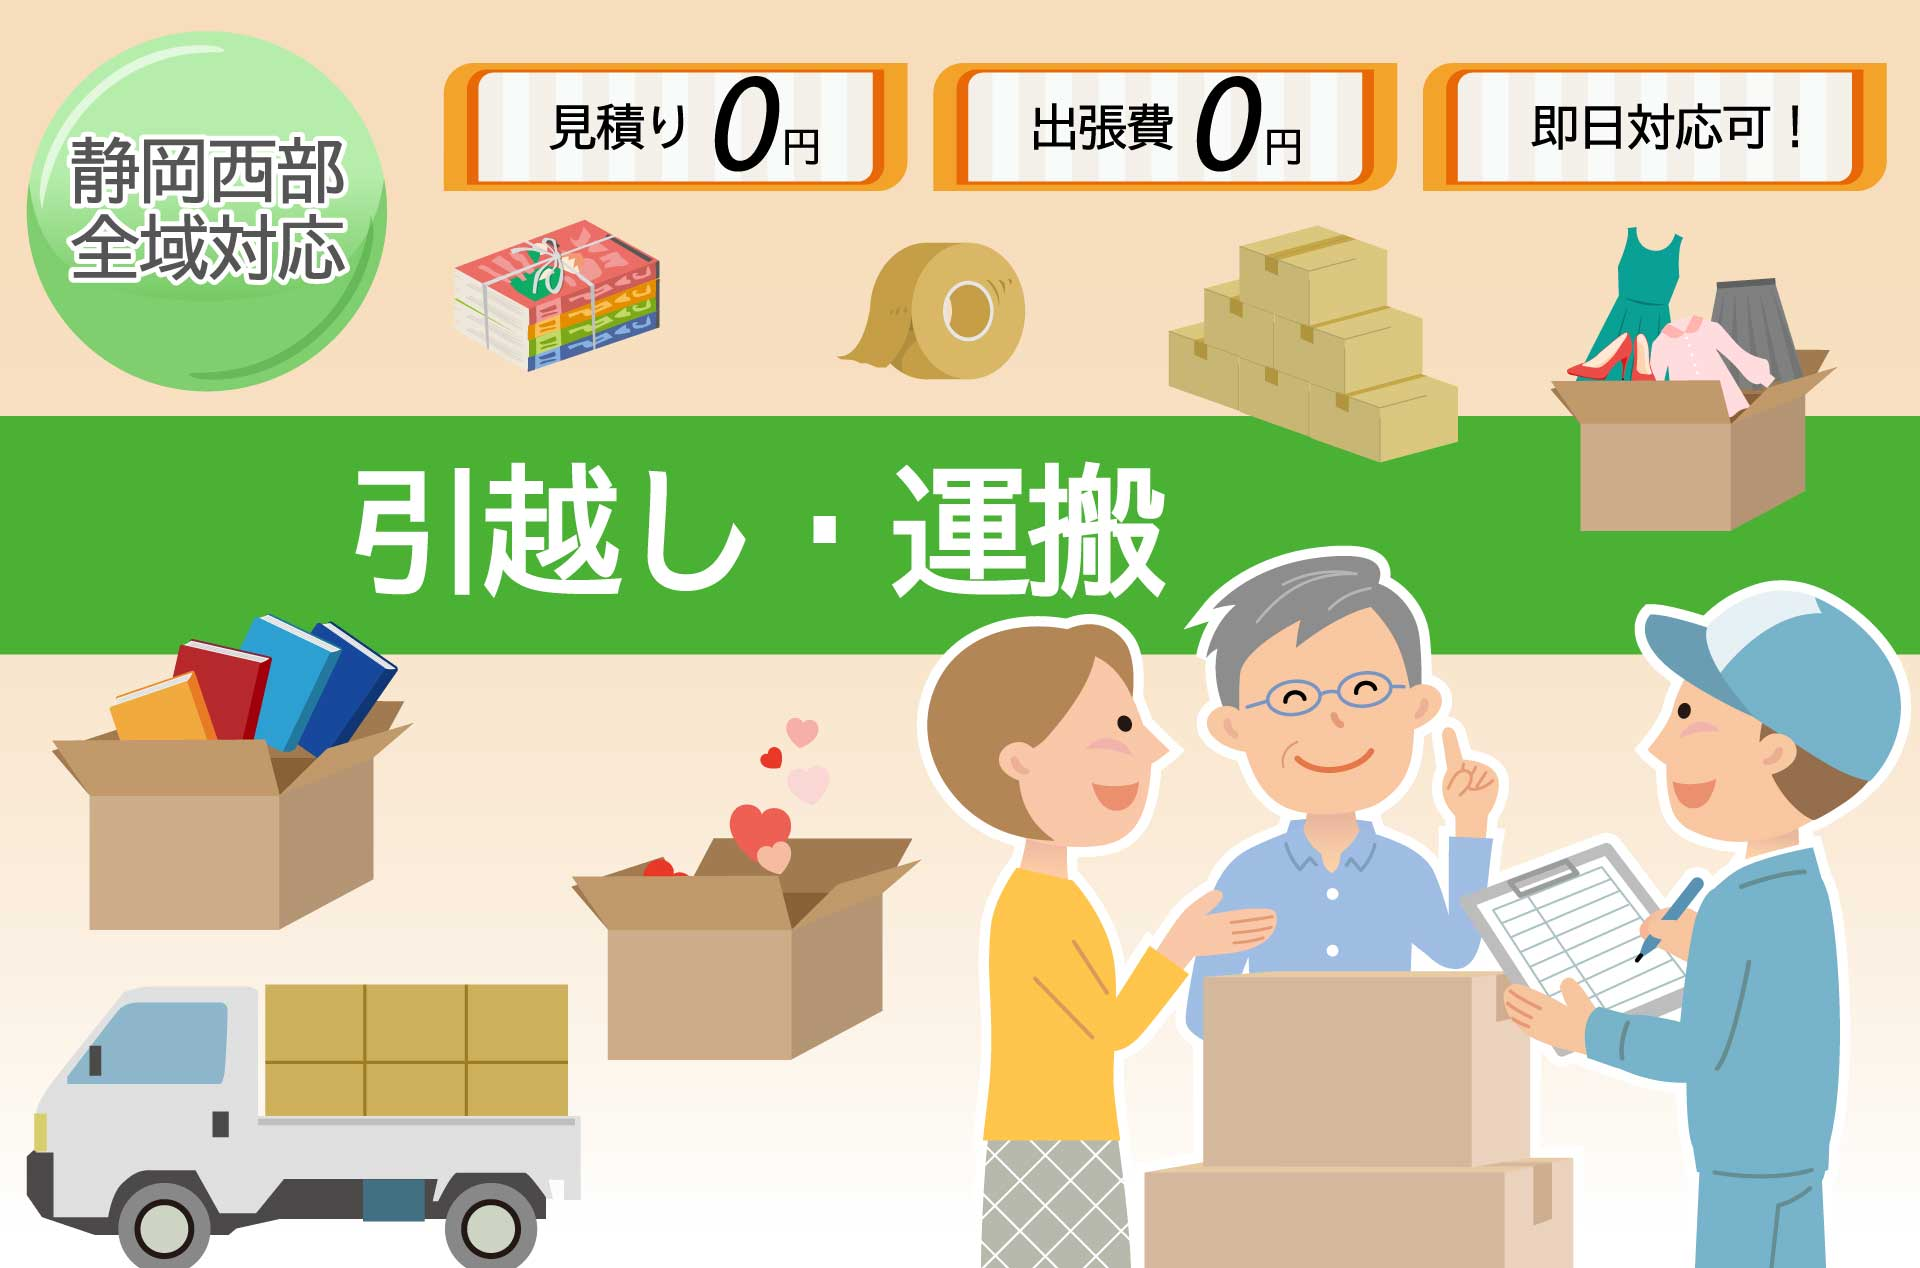 静岡西部全域対応!引越し・引越しゴミ・引越し不用品回収